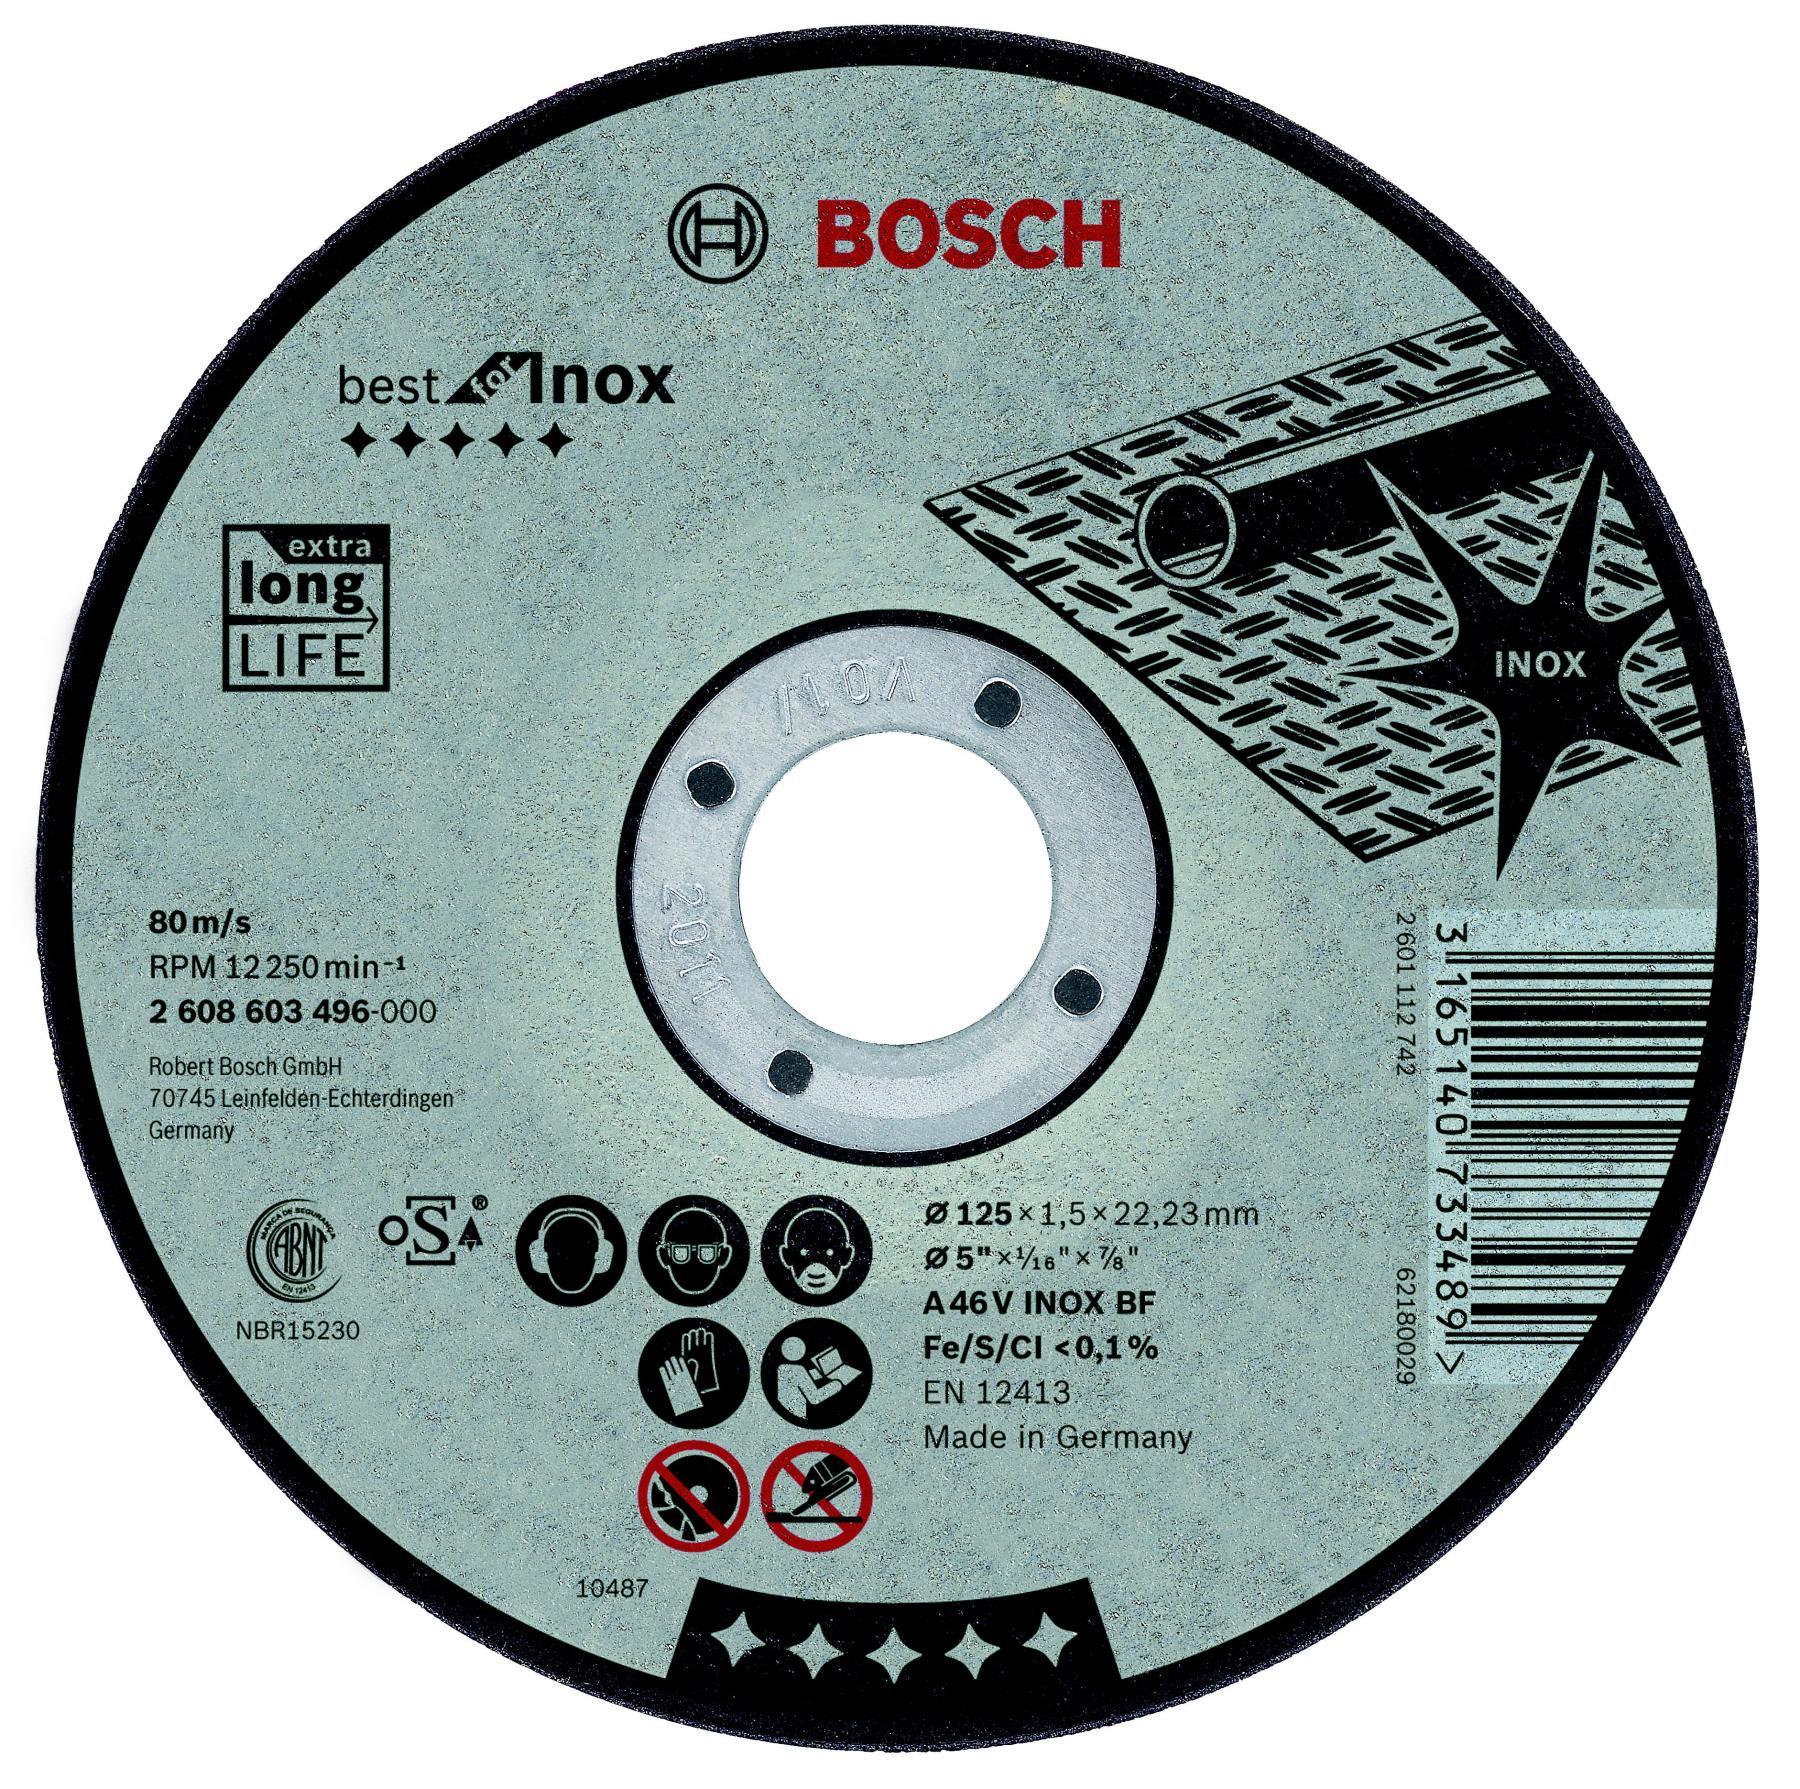 Circle Cutting BOSCH 115х1. 5х22 Best For Inox (2.608.603.494)